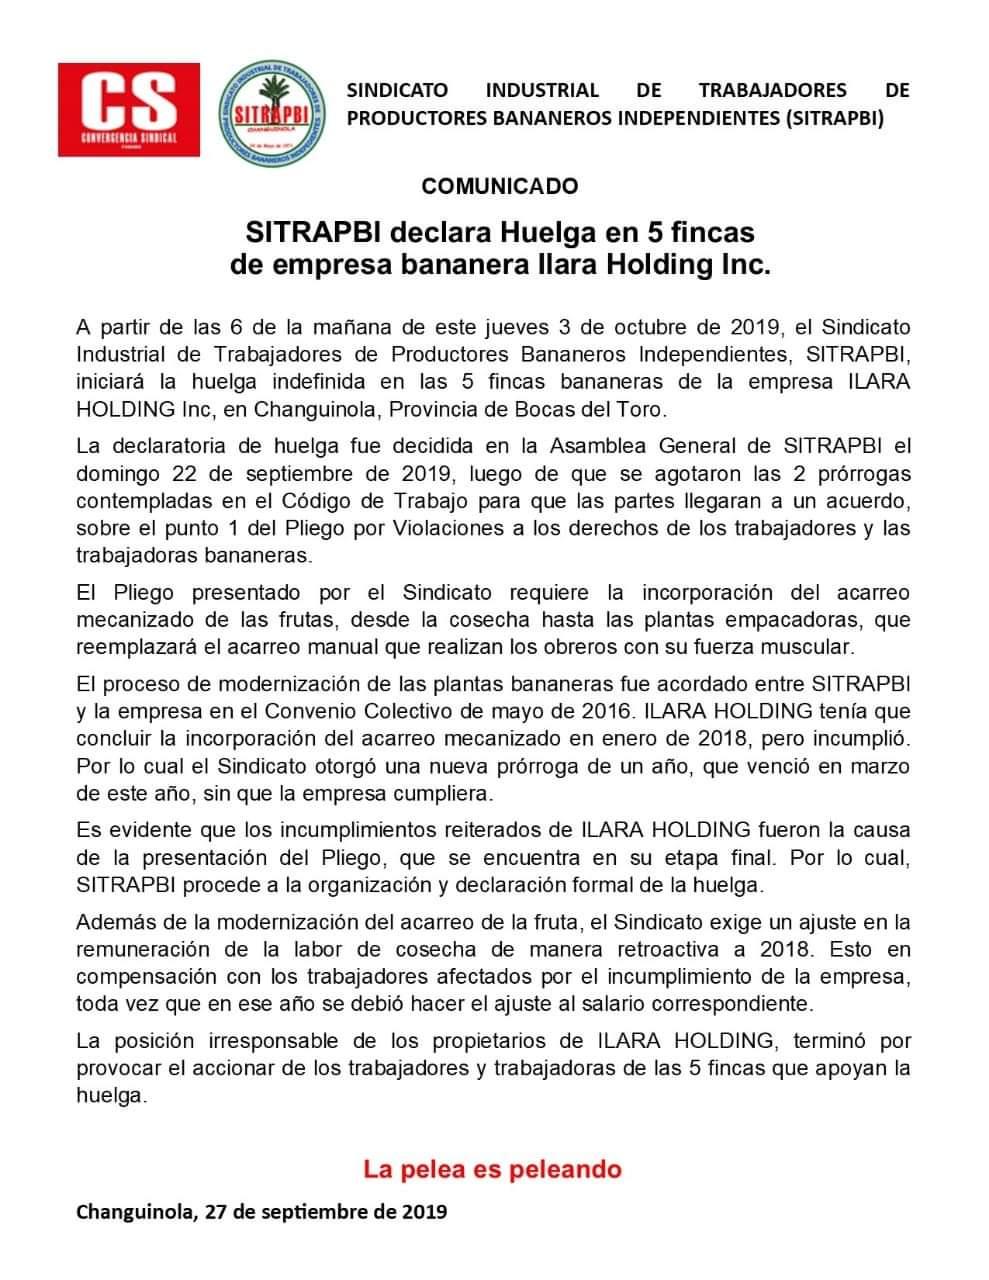 SITRAPBI declara Huelga en 5 fincas de empresa bananera llara Holding Inc.